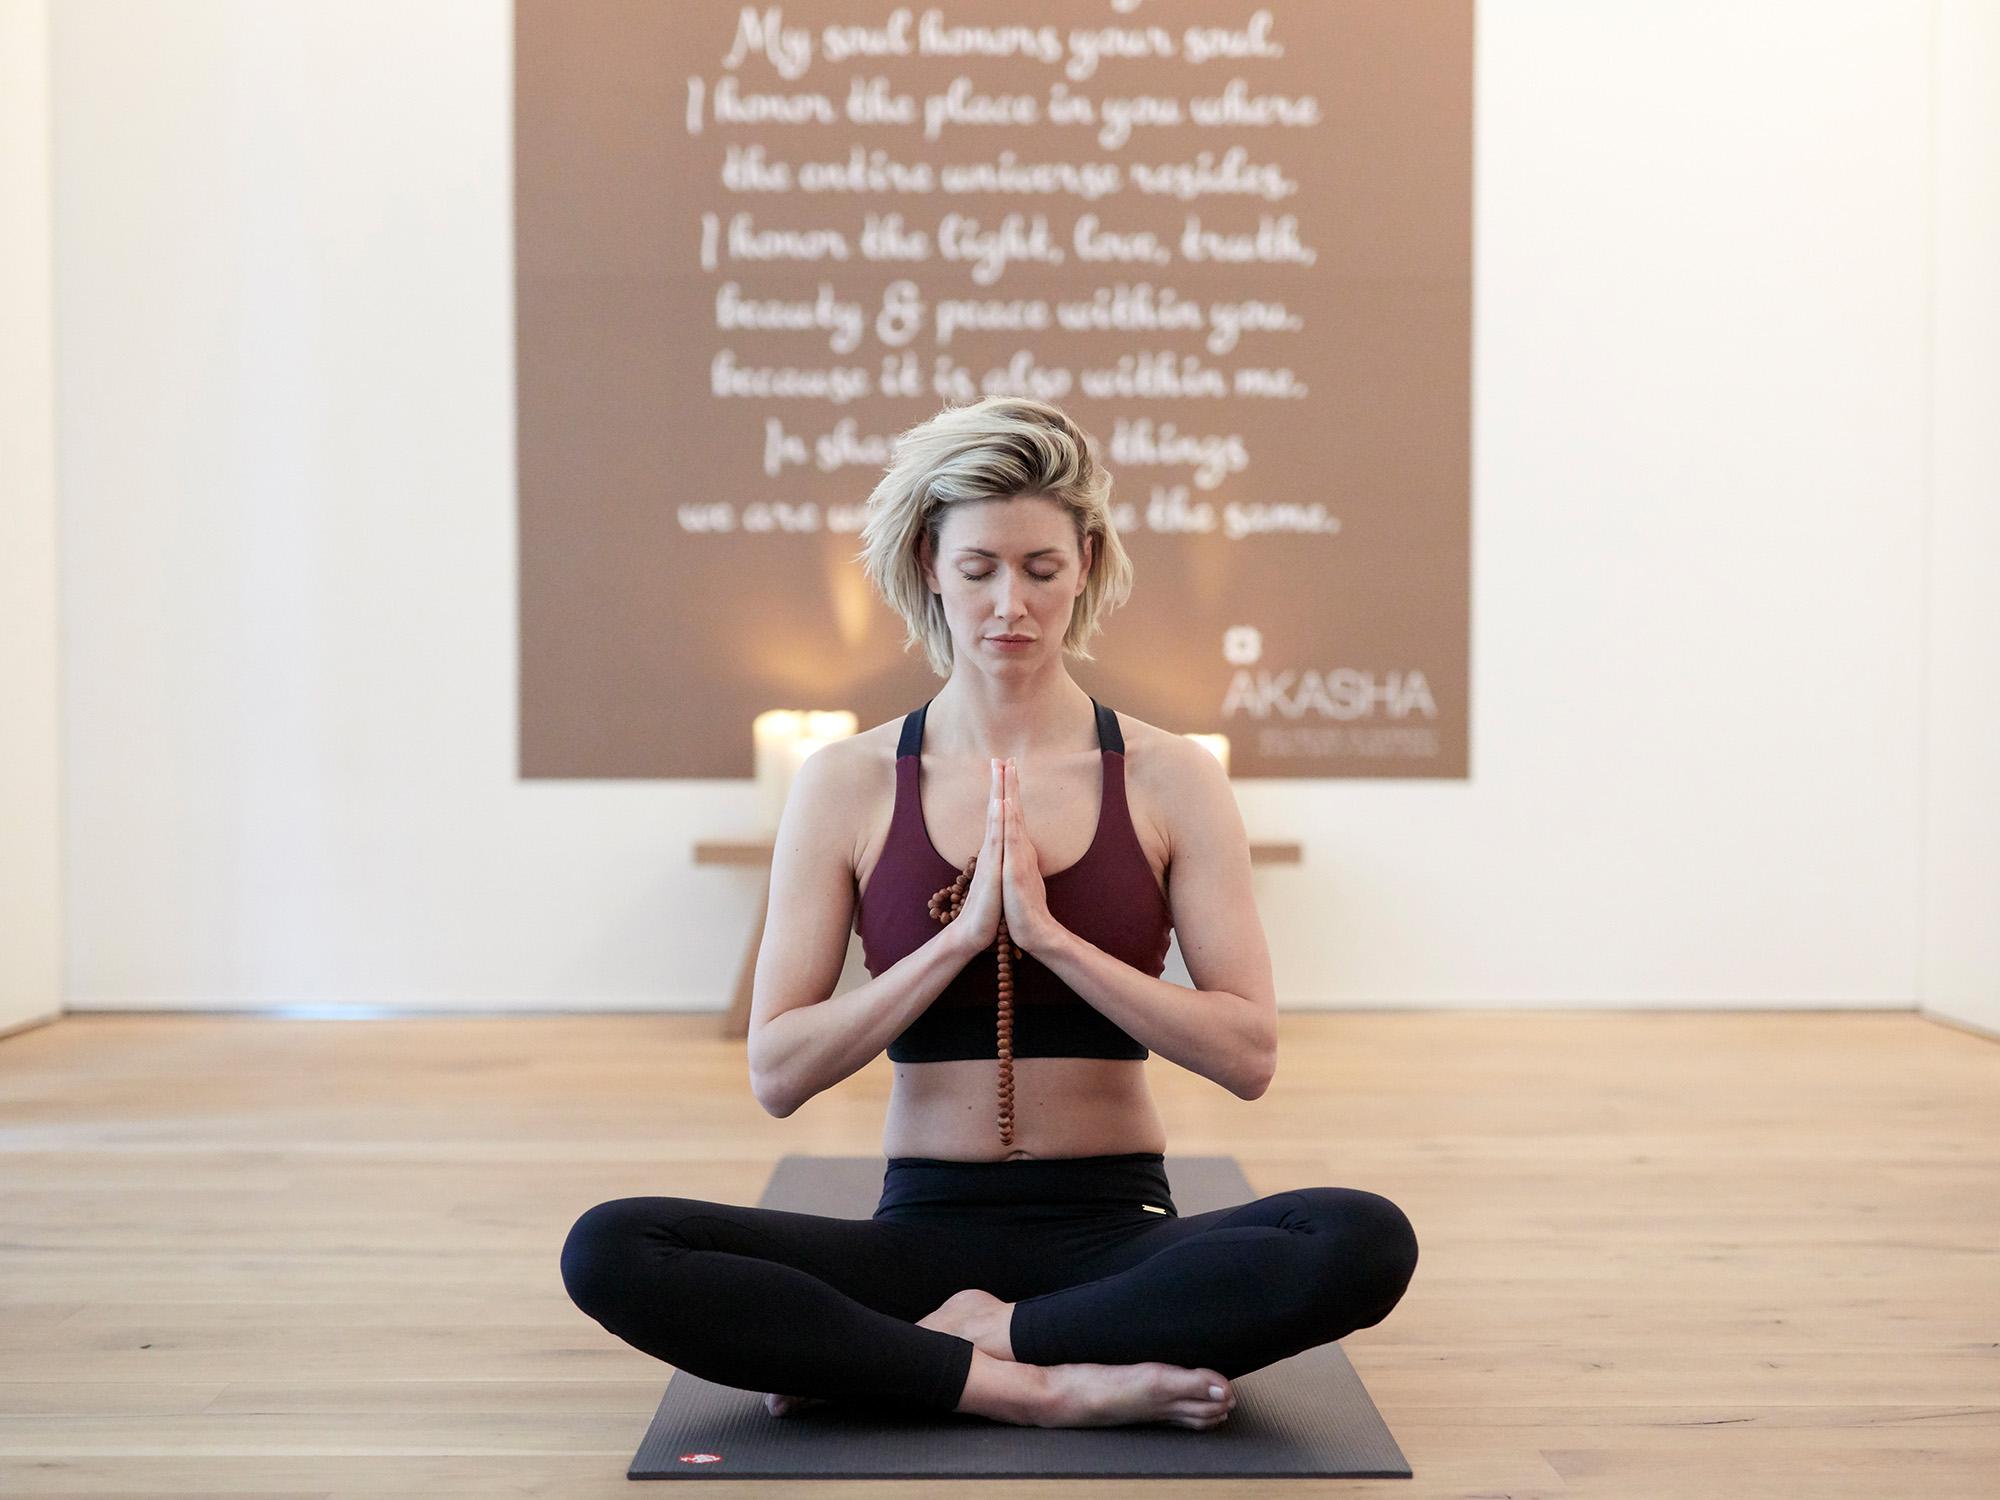 Conservatorium Hotel Yoga Studio in Amsterdam